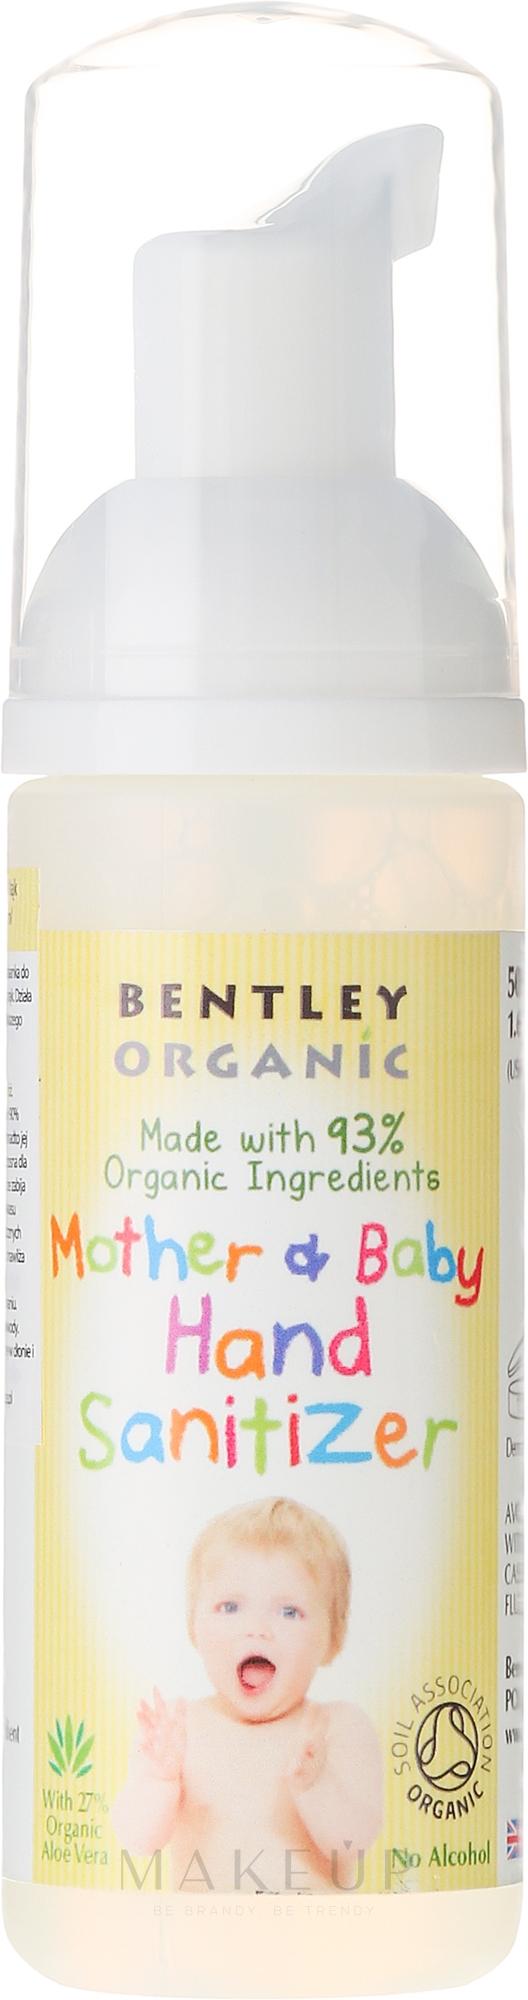 Antibakterieller Handschaum für Mütter und Babys - Bentley Organic Mother & Baby Hand Sanitizer — Bild 50 ml